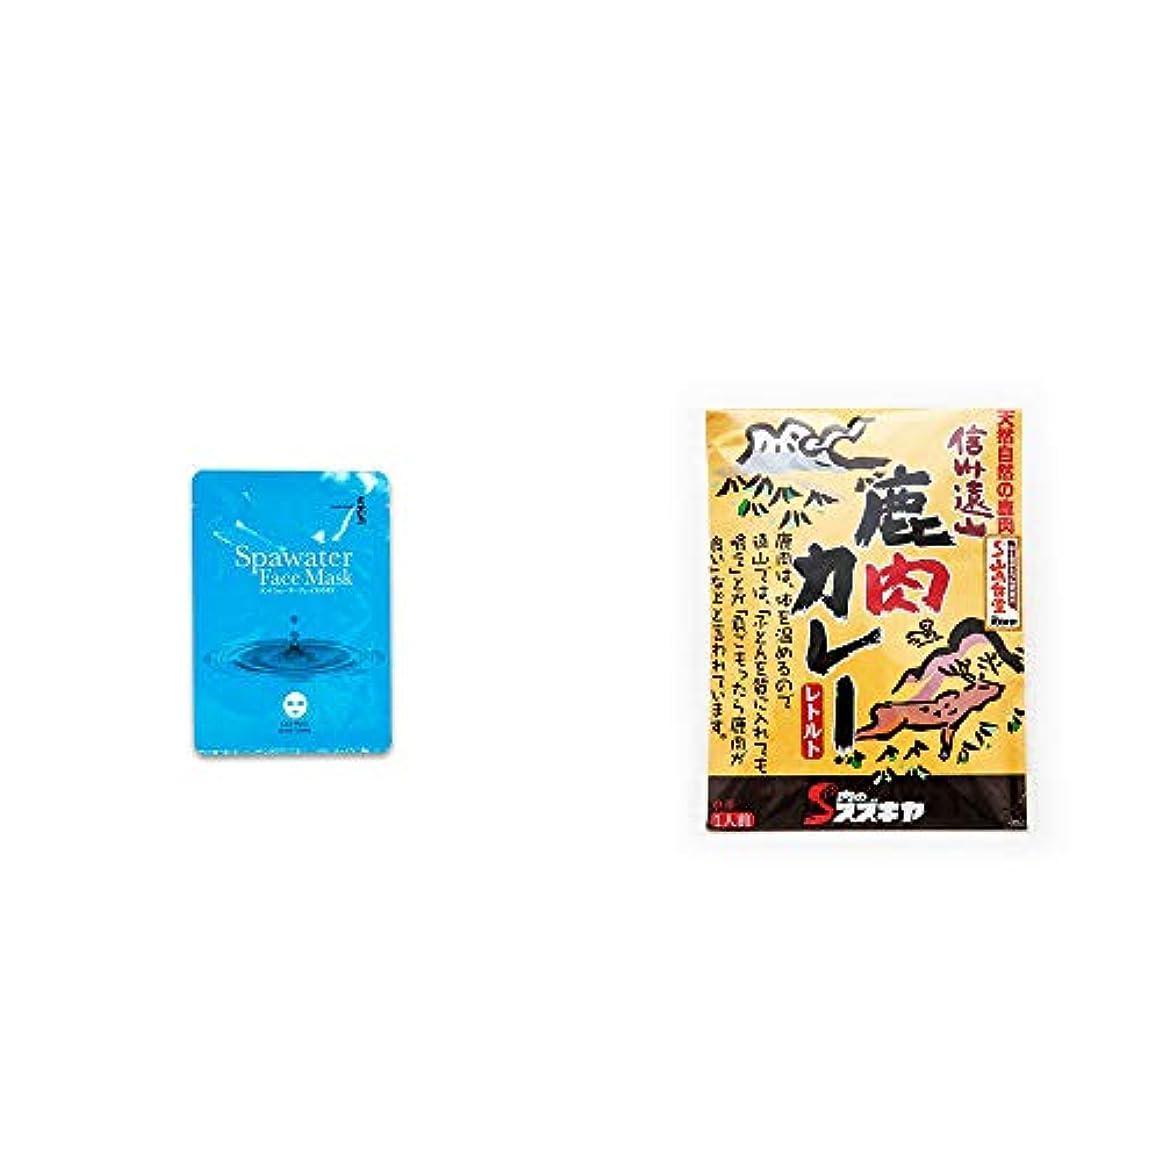 [2点セット] ひのき炭黒泉 スパウォーターフェイスマスク(18ml×3枚入)?信州遠山 鹿肉カレー 中辛 (1食分)